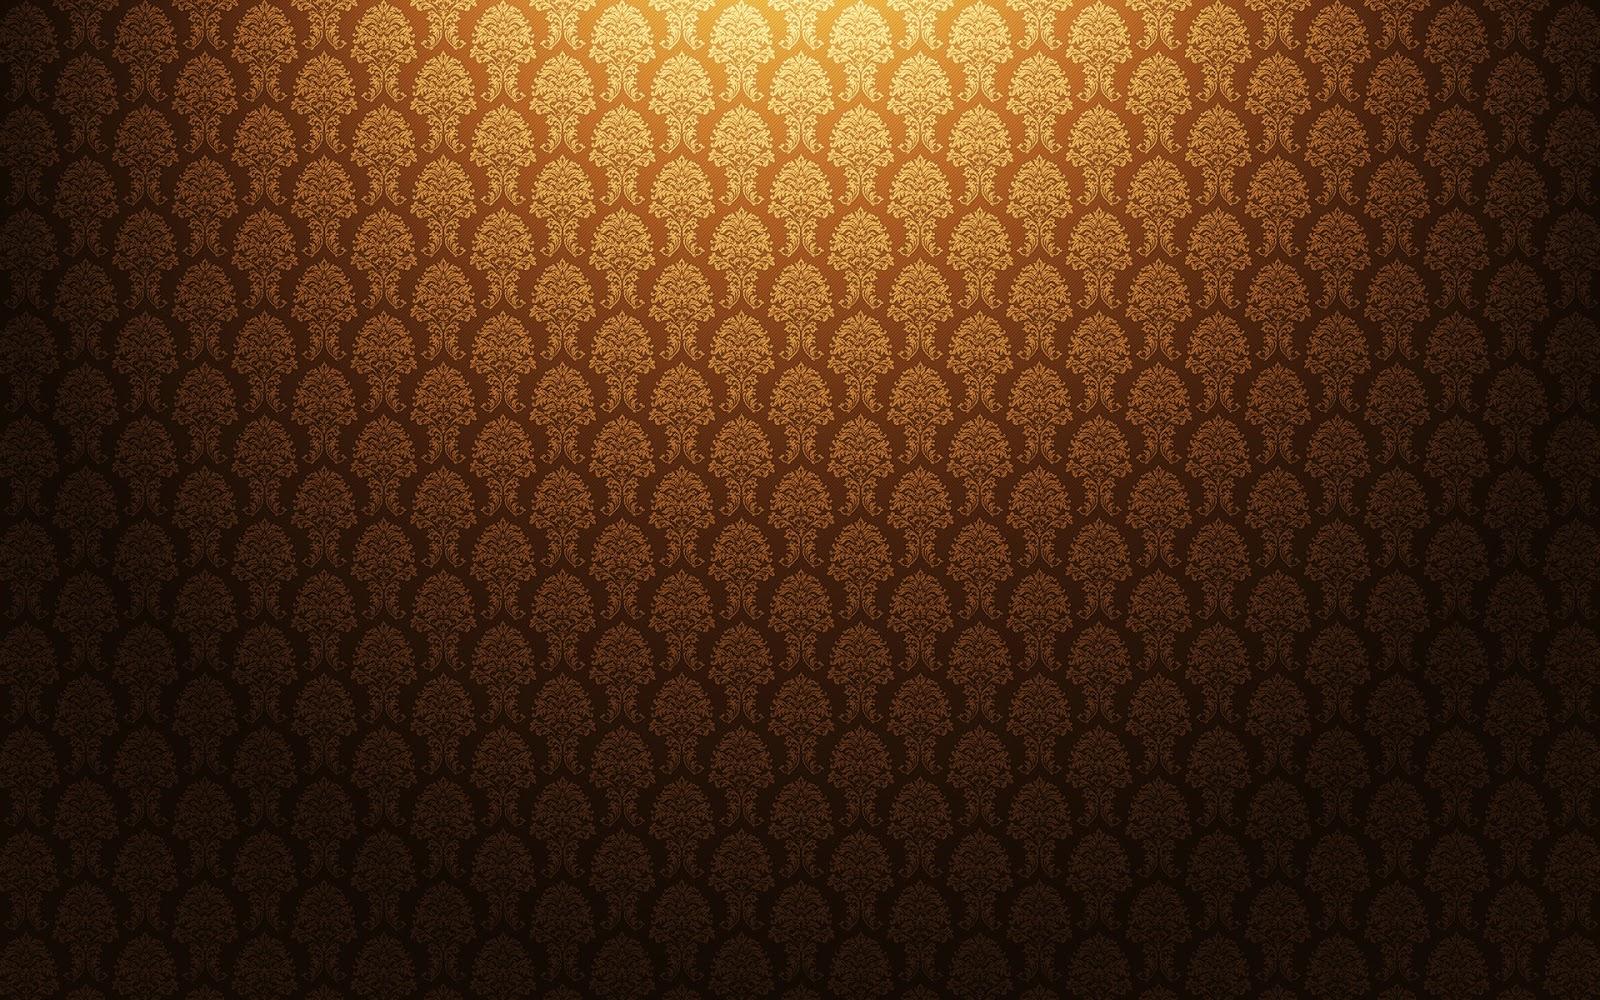 Desktop Wallpaper - Antique WallpapersUkulele Desktop Wallpaper